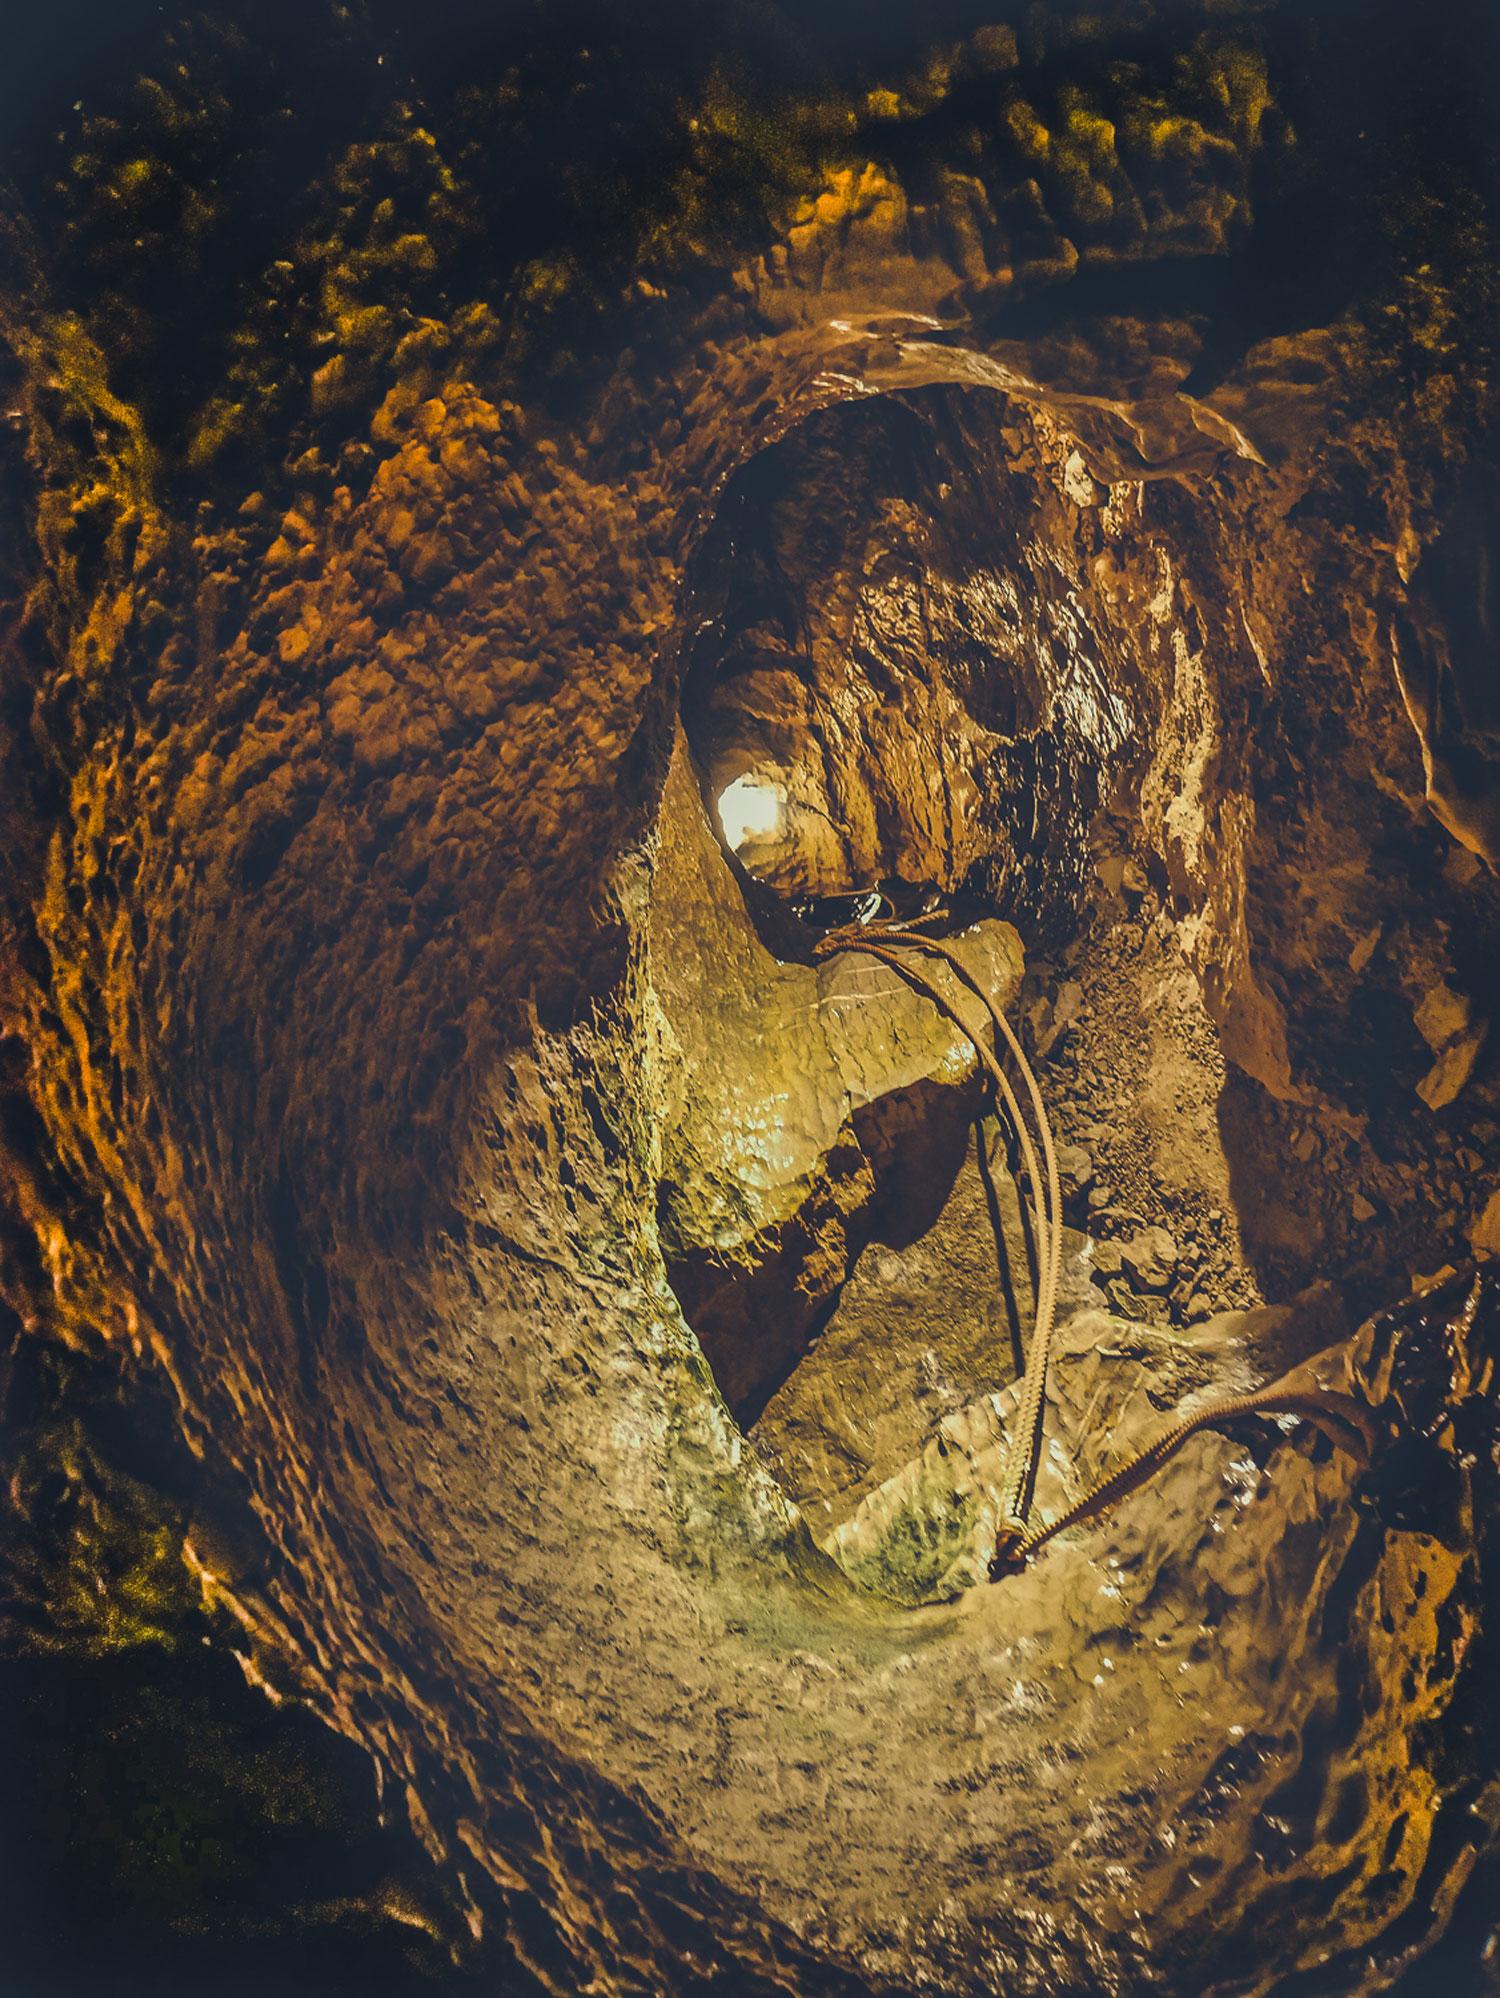 A visiter grotte de Seythenex près d'Annecy